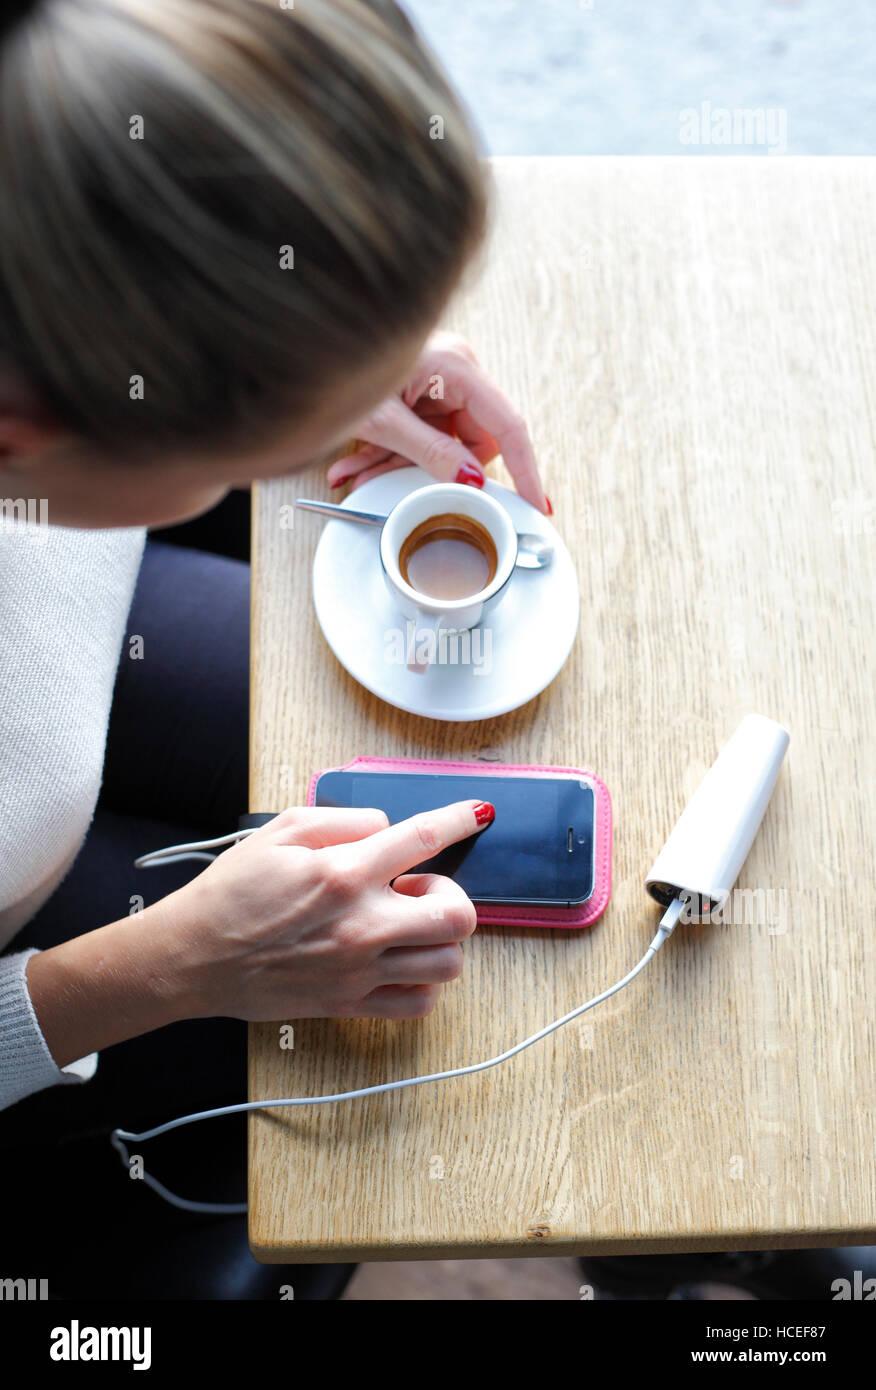 Caricamento del telefono cellulare e digitando nel caffè bar Immagini Stock